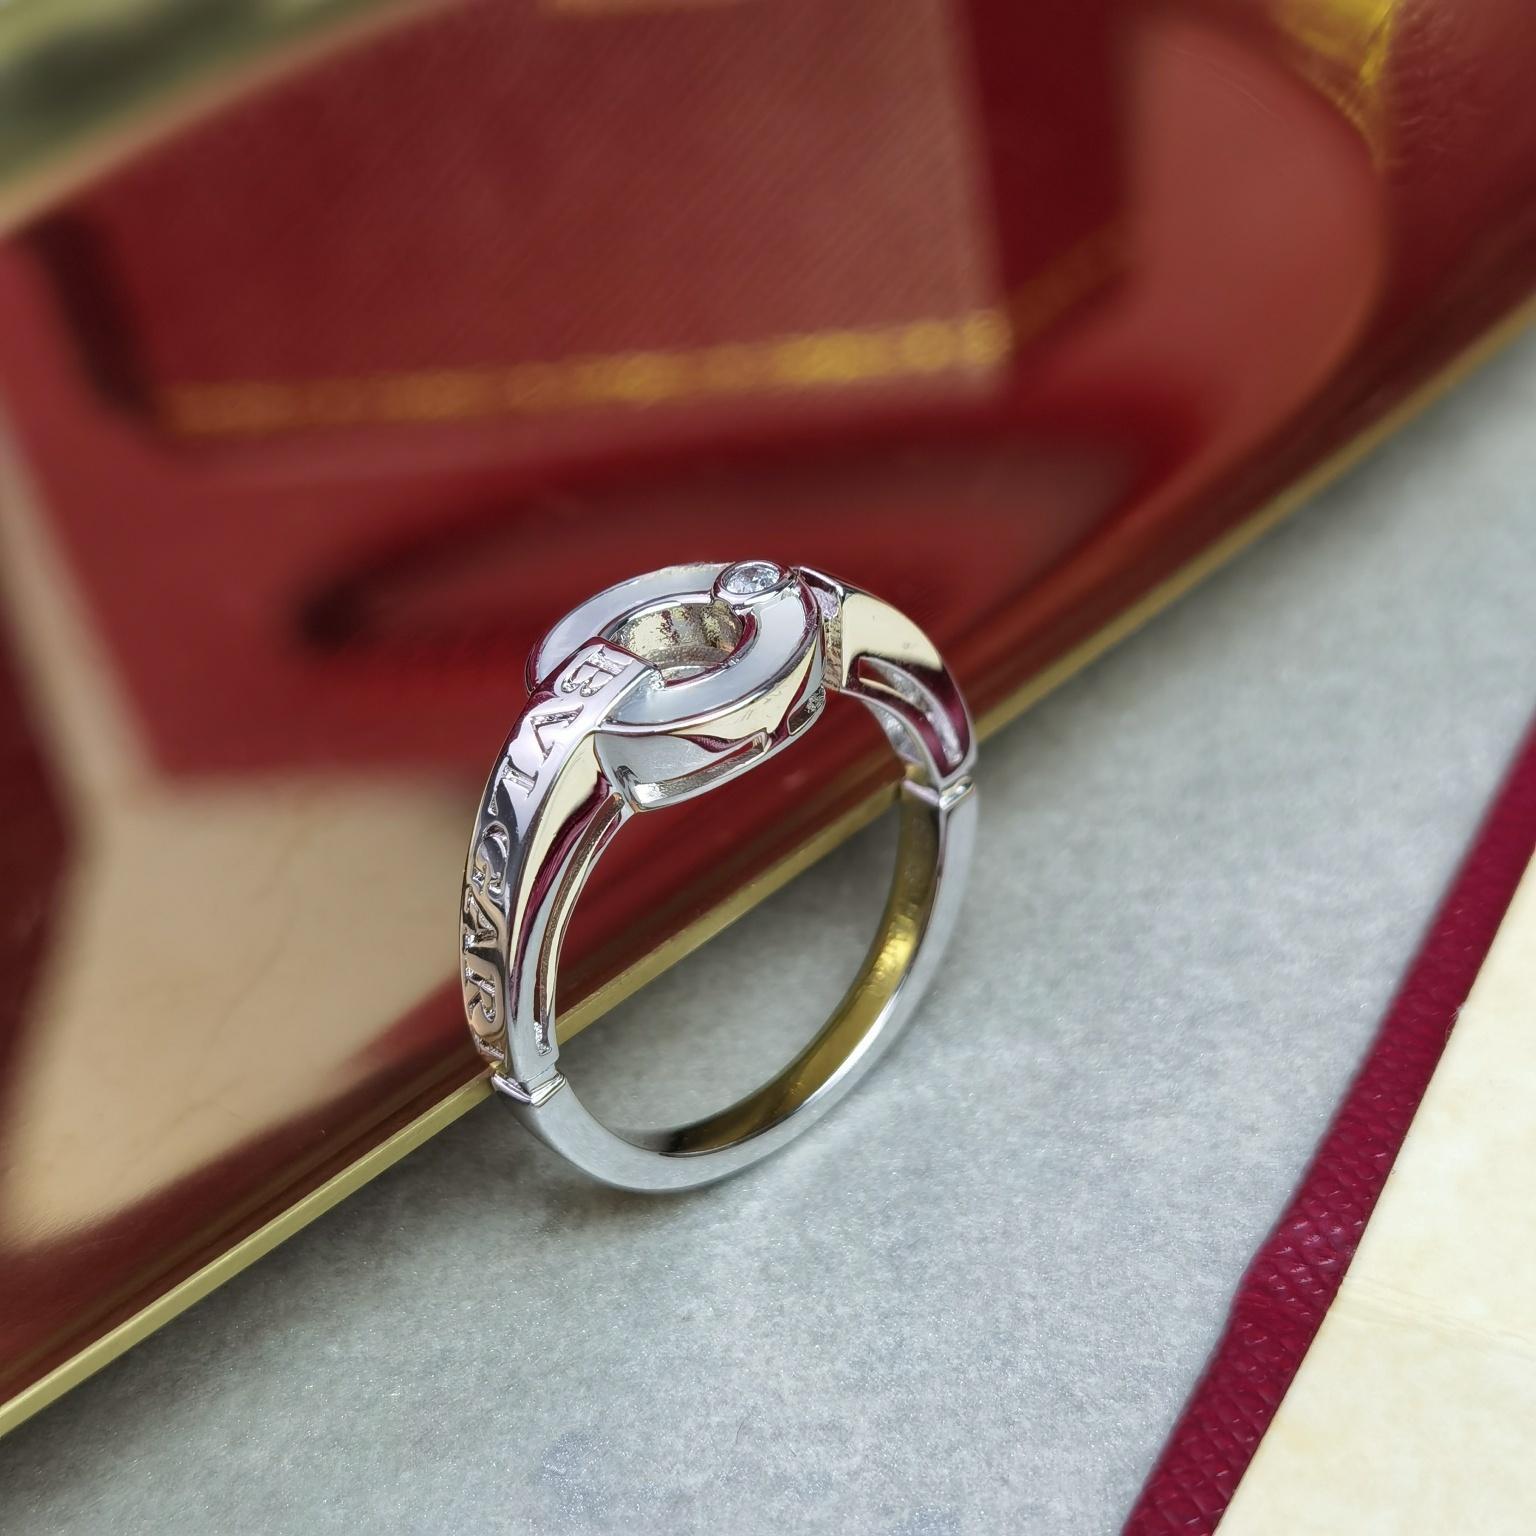 Joyería de lujo damas anillo de plata S925 anillo de la personalidad del estilo clásico de la manera pares del anillo Pareja simple regalo de la joyería 209